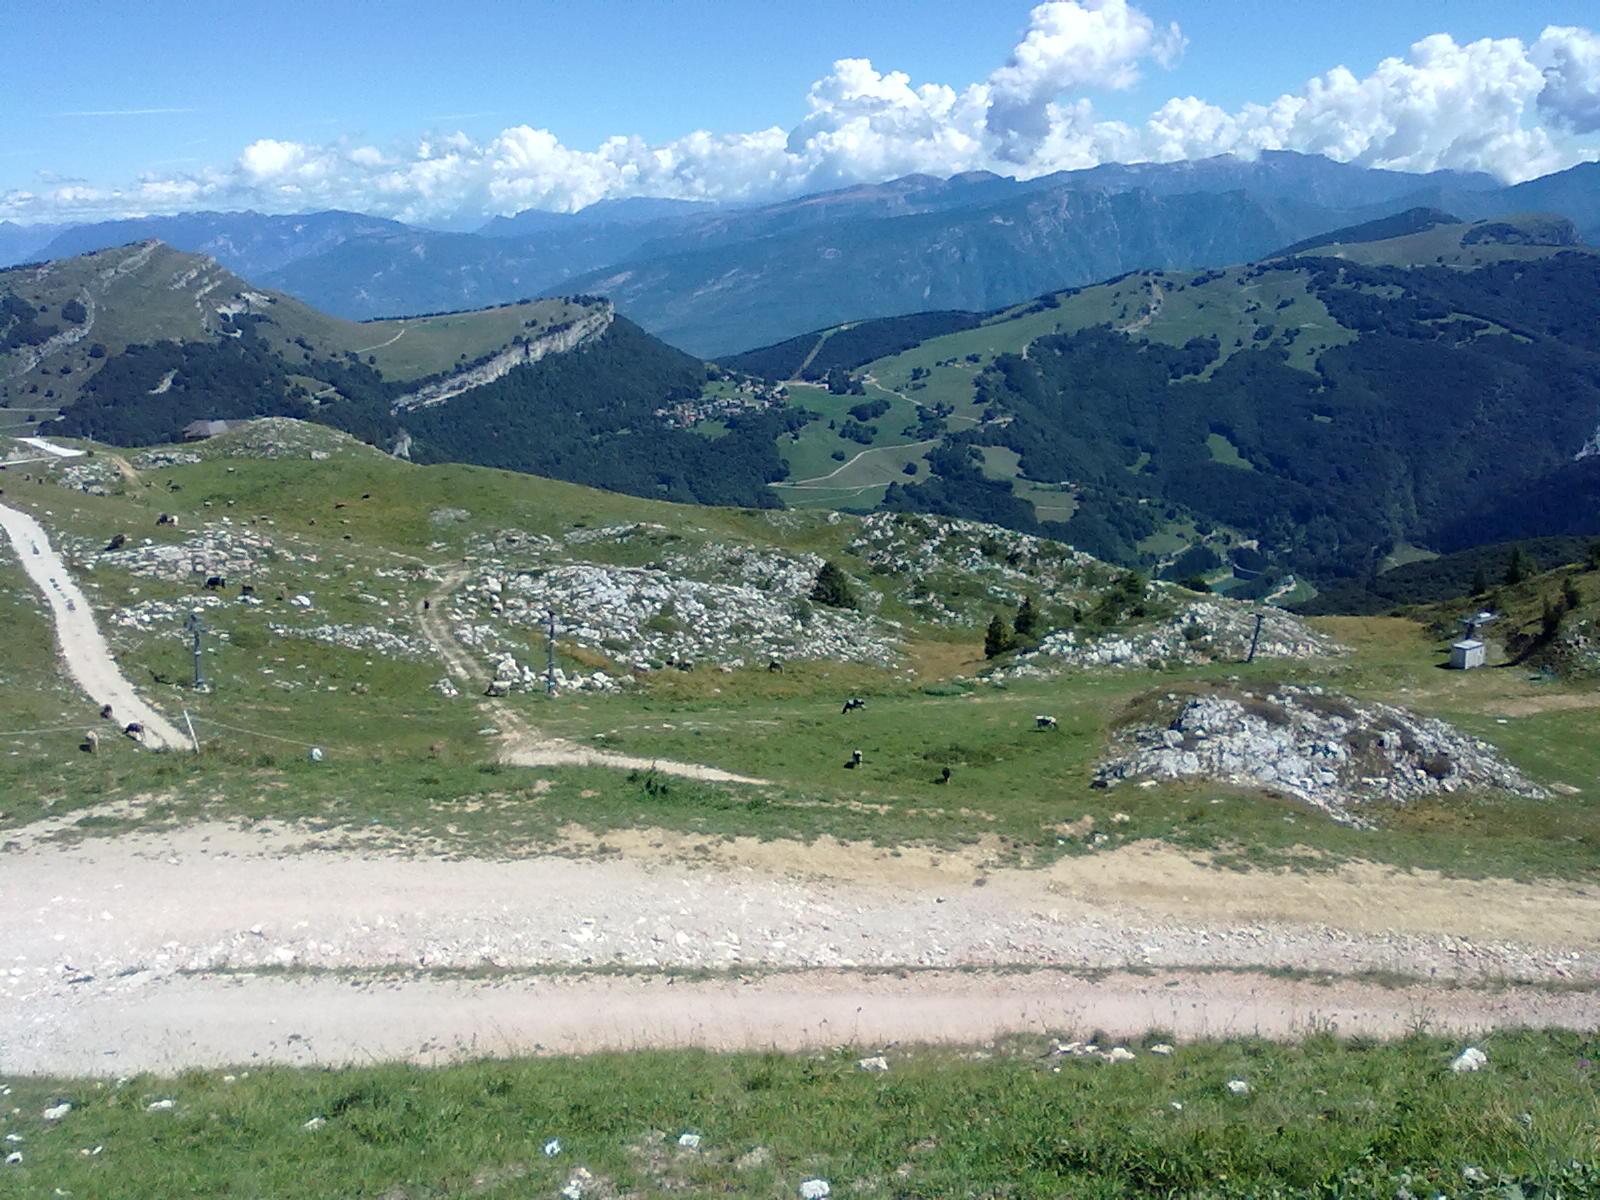 News di silvershado settembre 2010 for Vista sulla valle cabine colline hocking